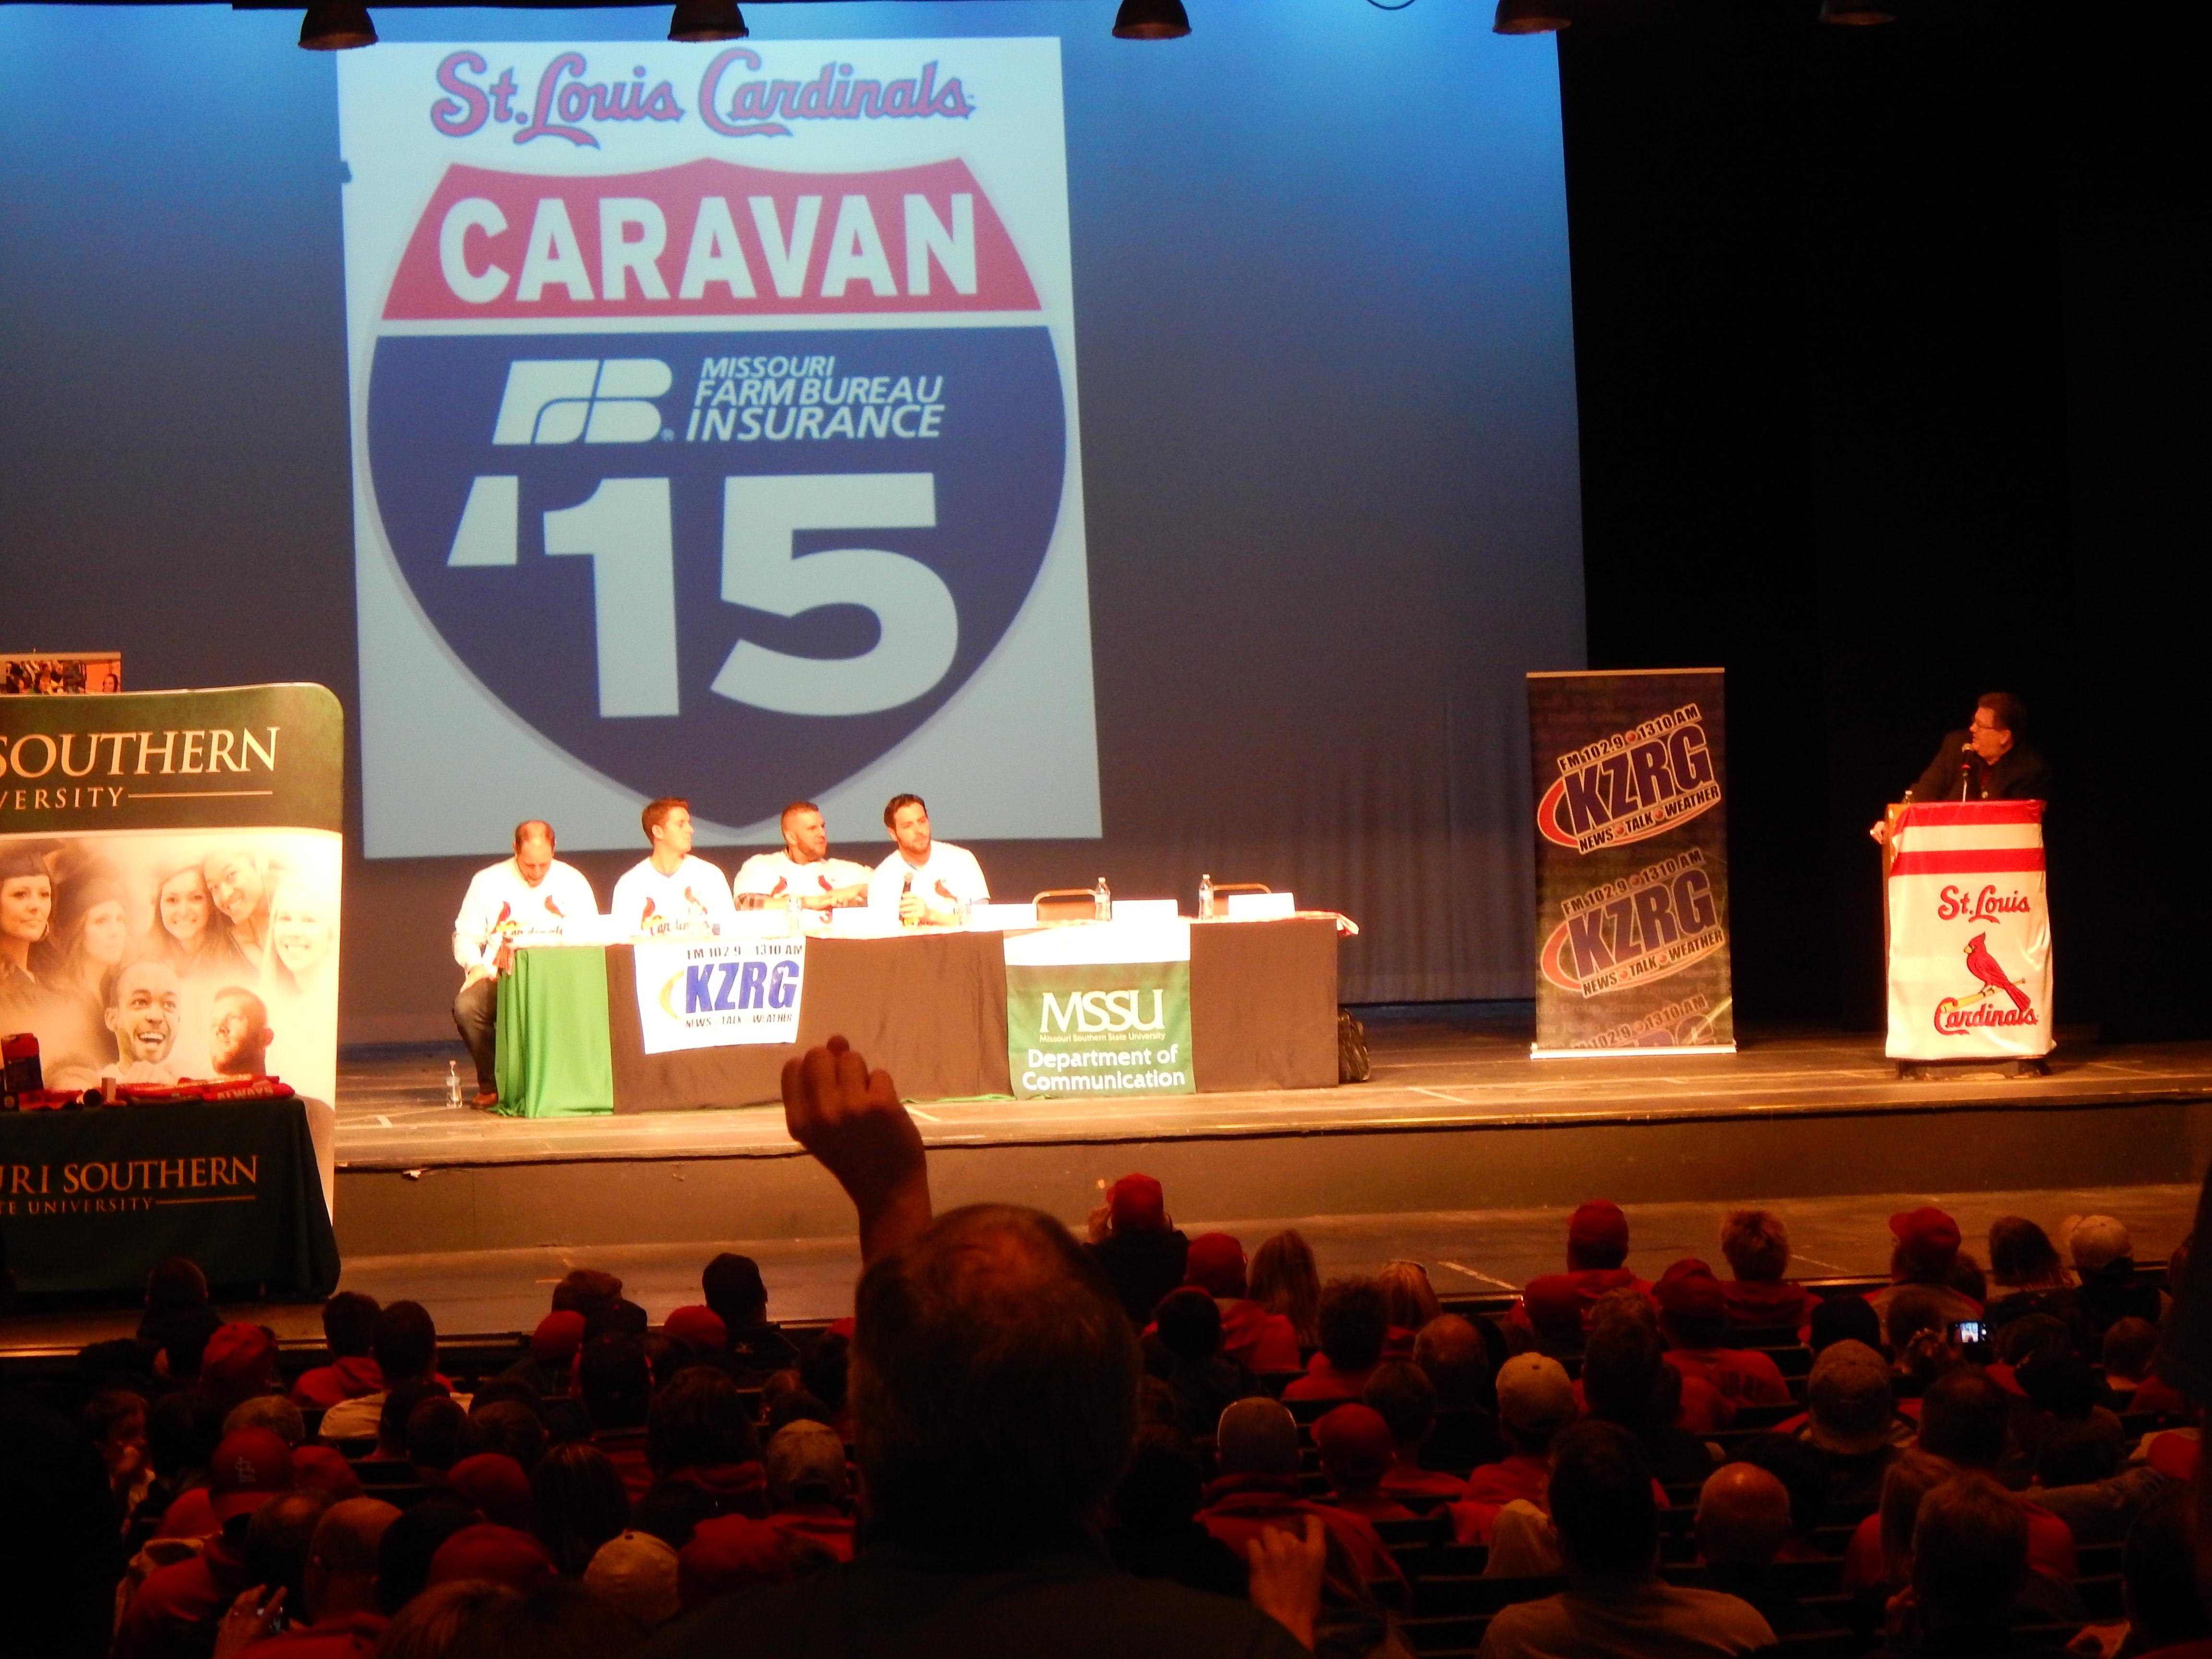 Cardinal Caravan 2015